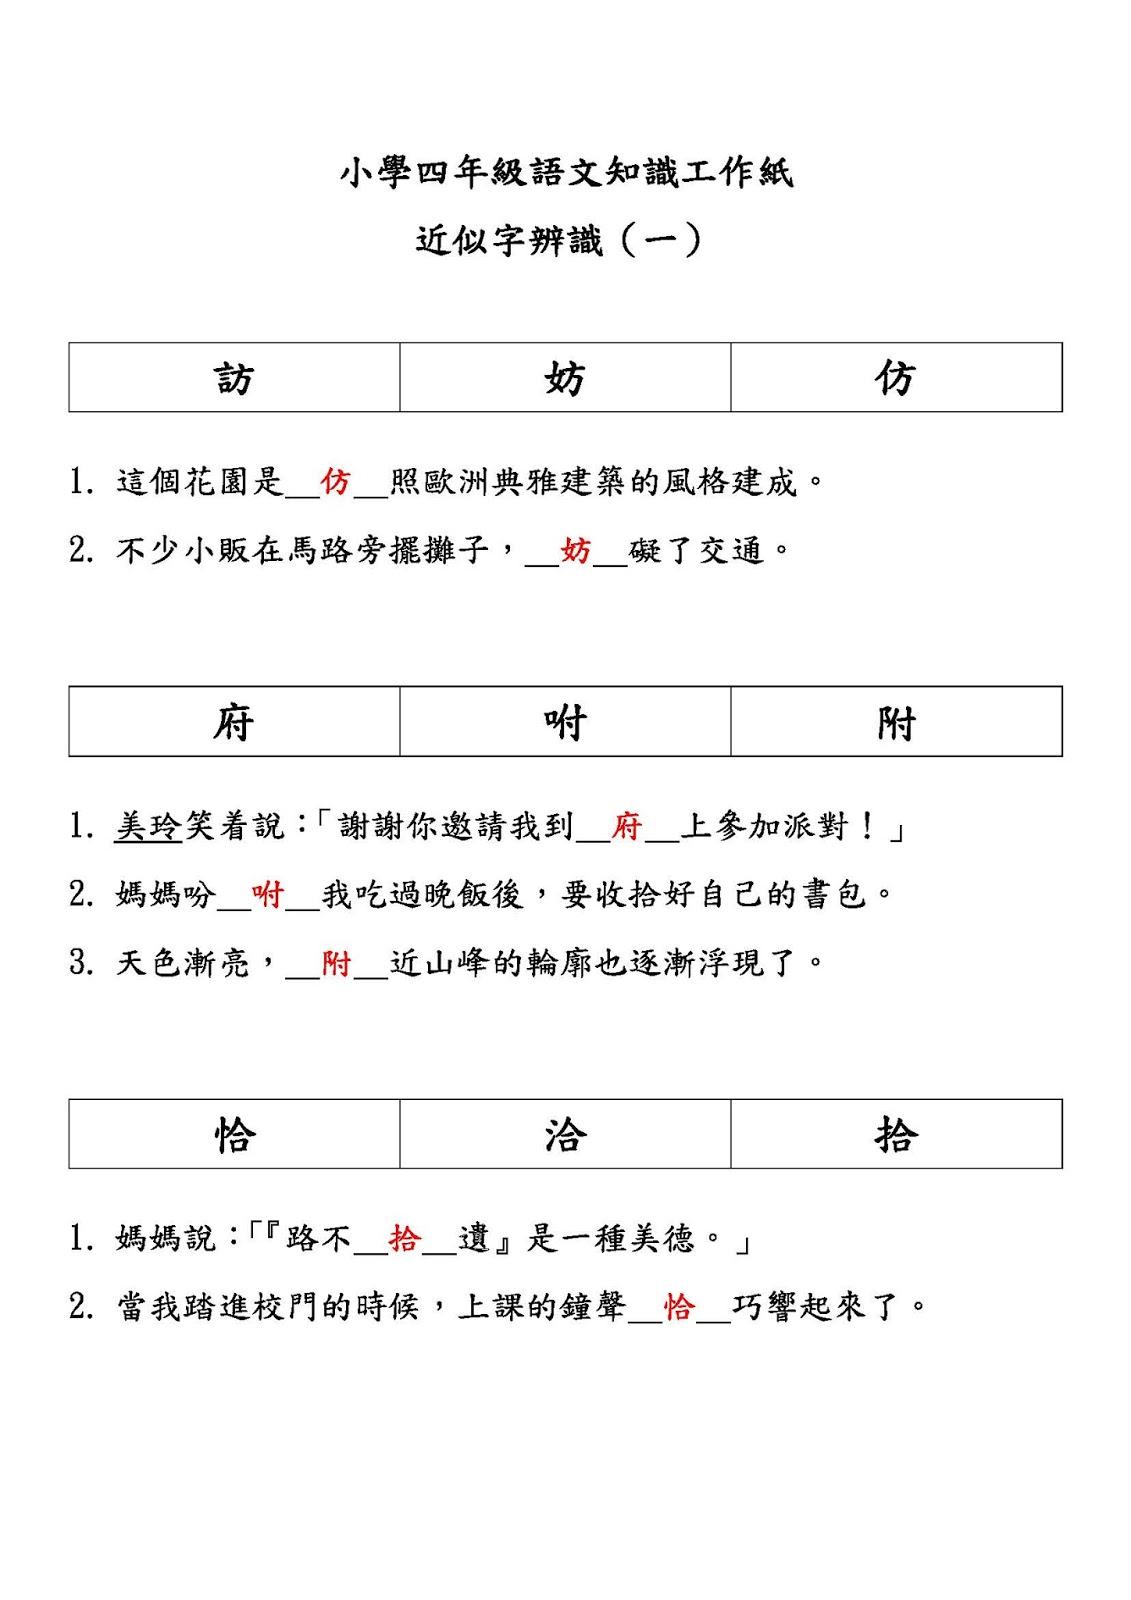 小四語文知識工作紙:近似字辨識(一)|中文工作紙|尤莉姐姐的反轉學堂